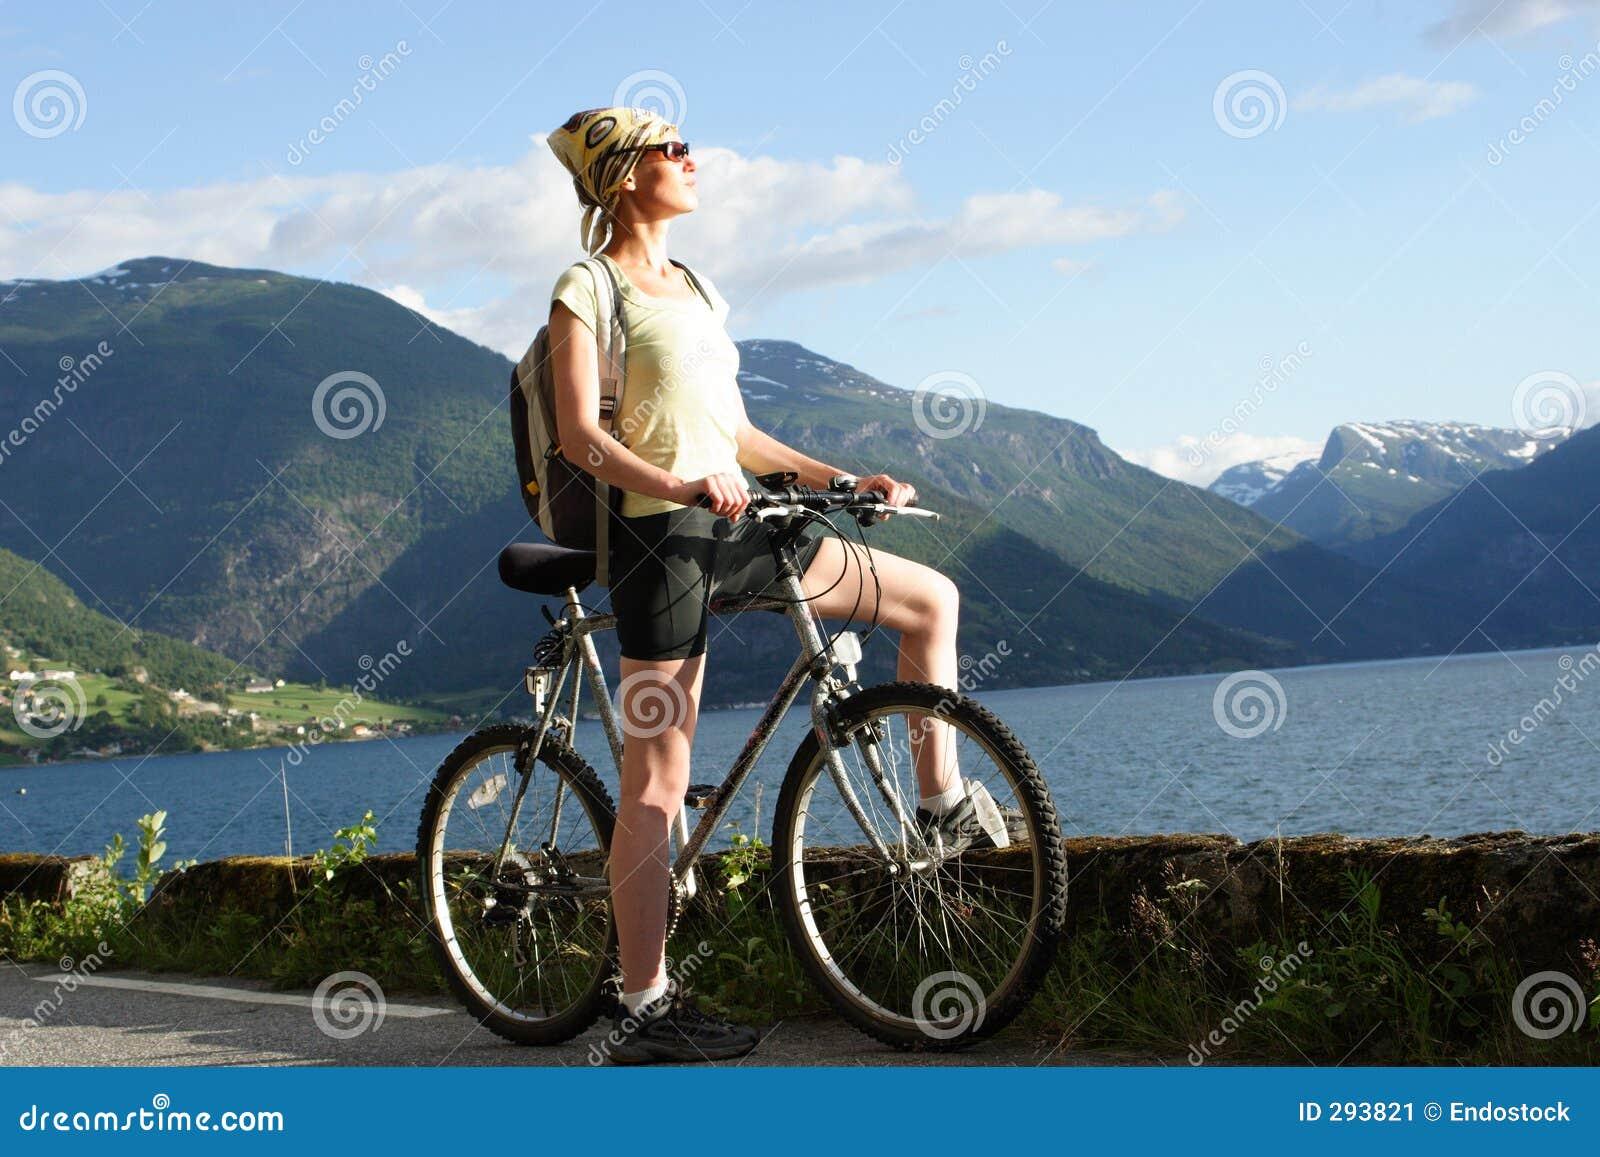 Sportieve vrouw op een fietsreis in bergen 2